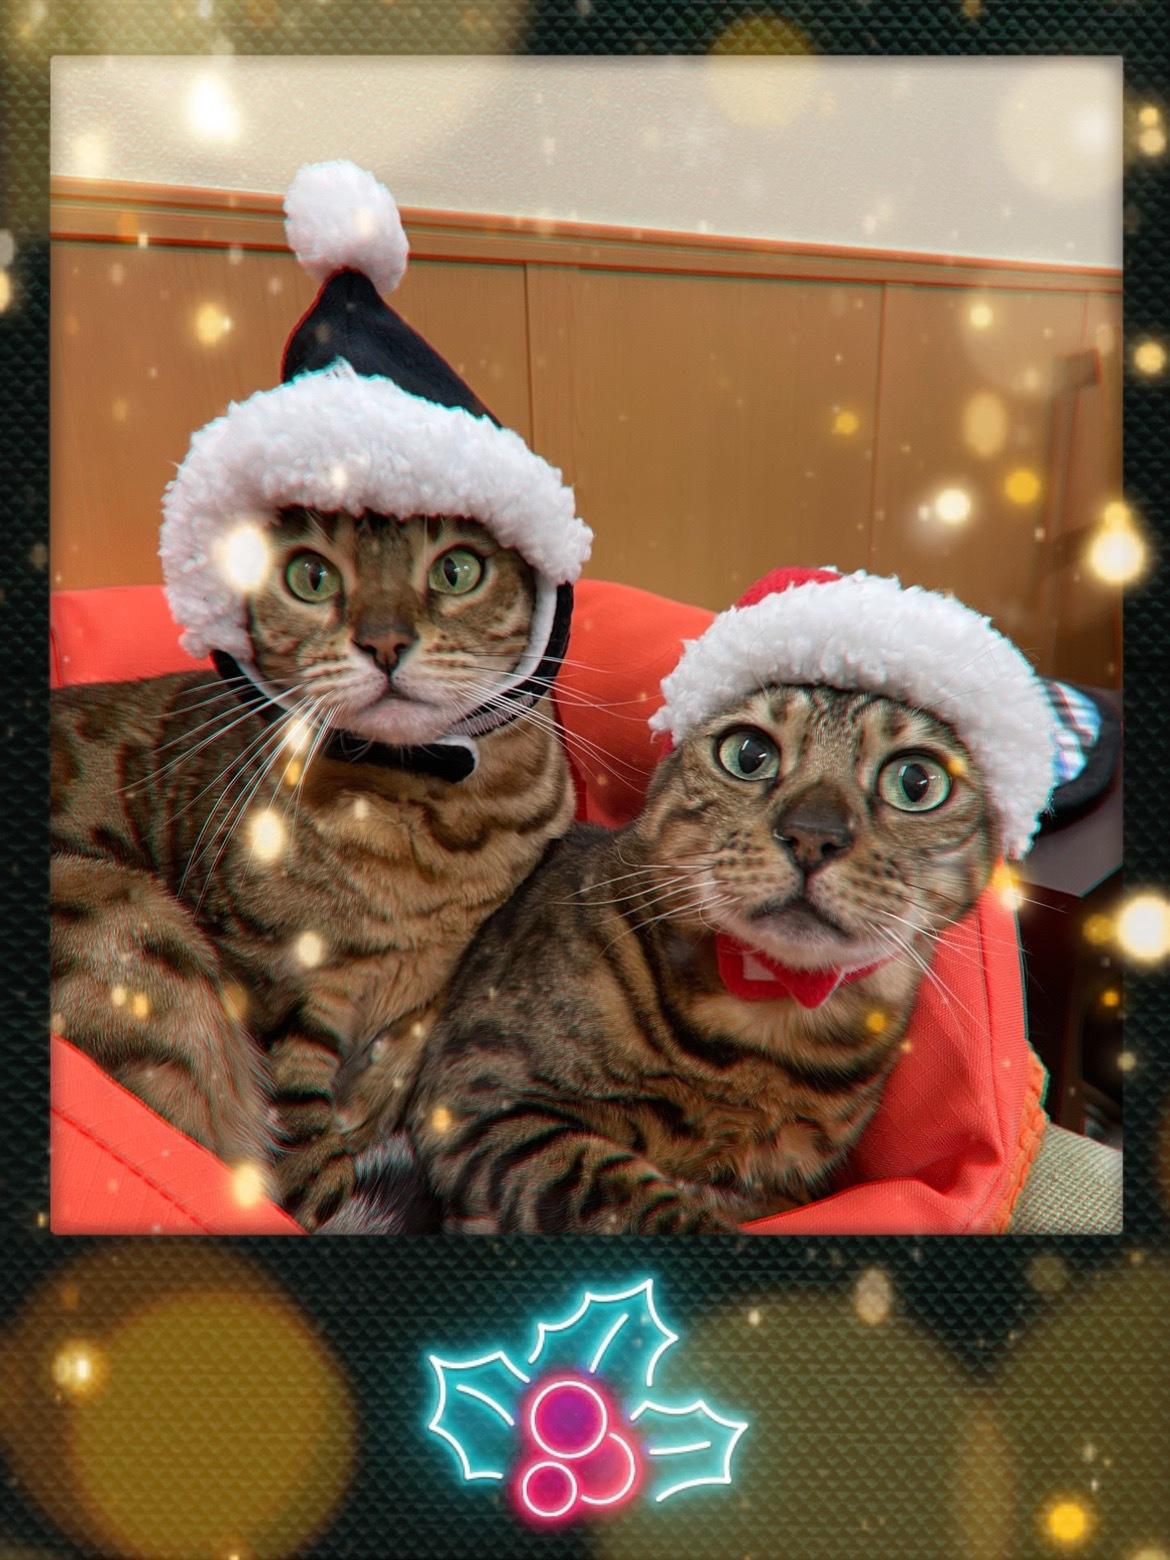 メリークリスマス&良いお年を!_c0006748_13255810.jpg